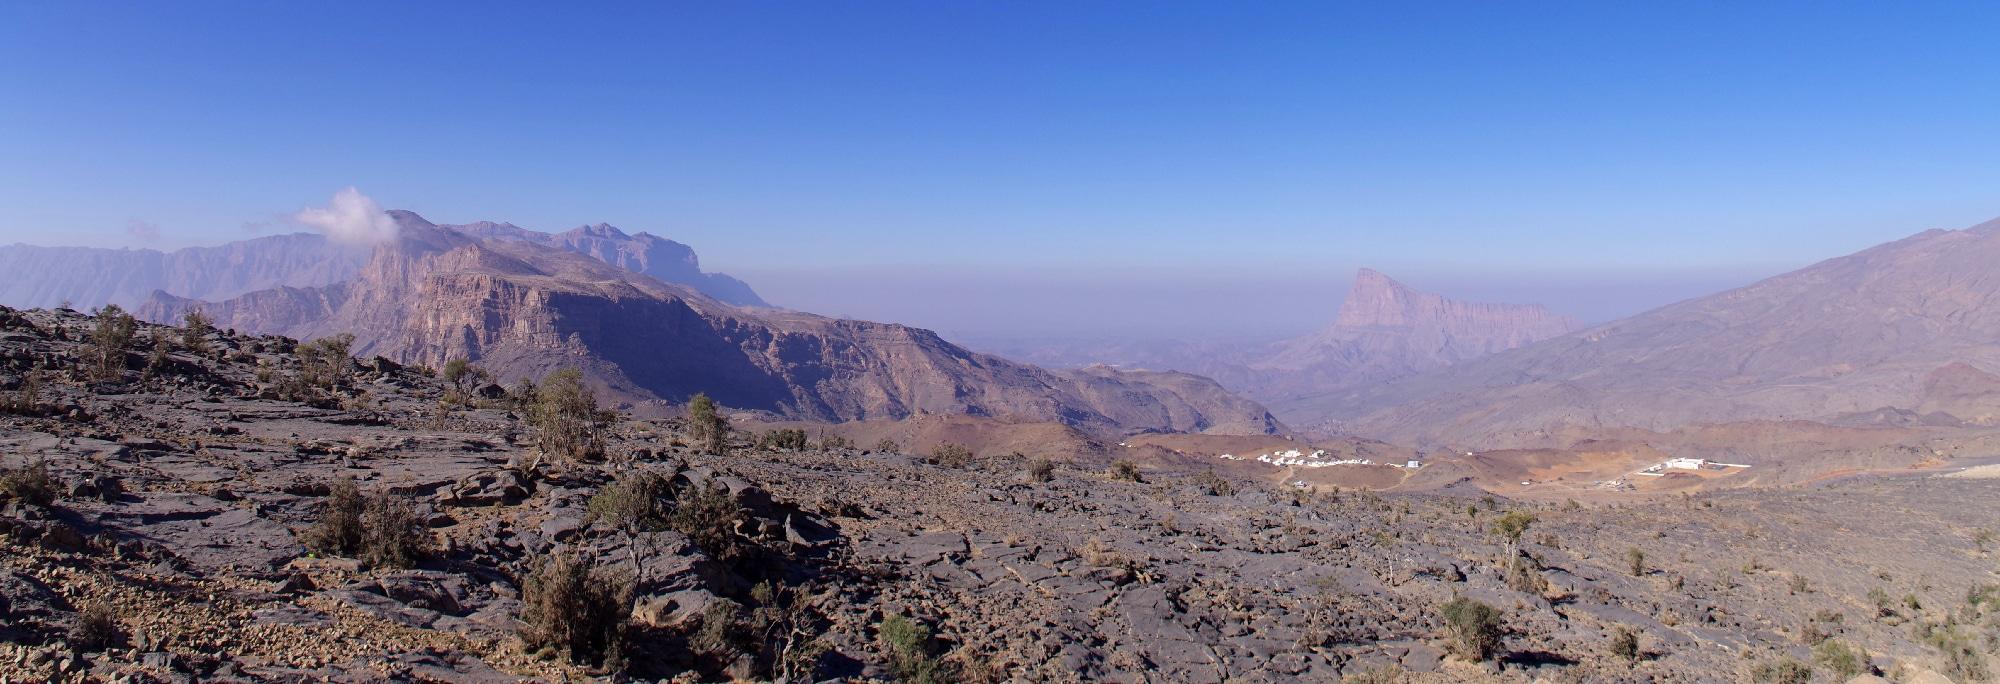 Randonnée dans le Djebel Shams. Départ du sentier.